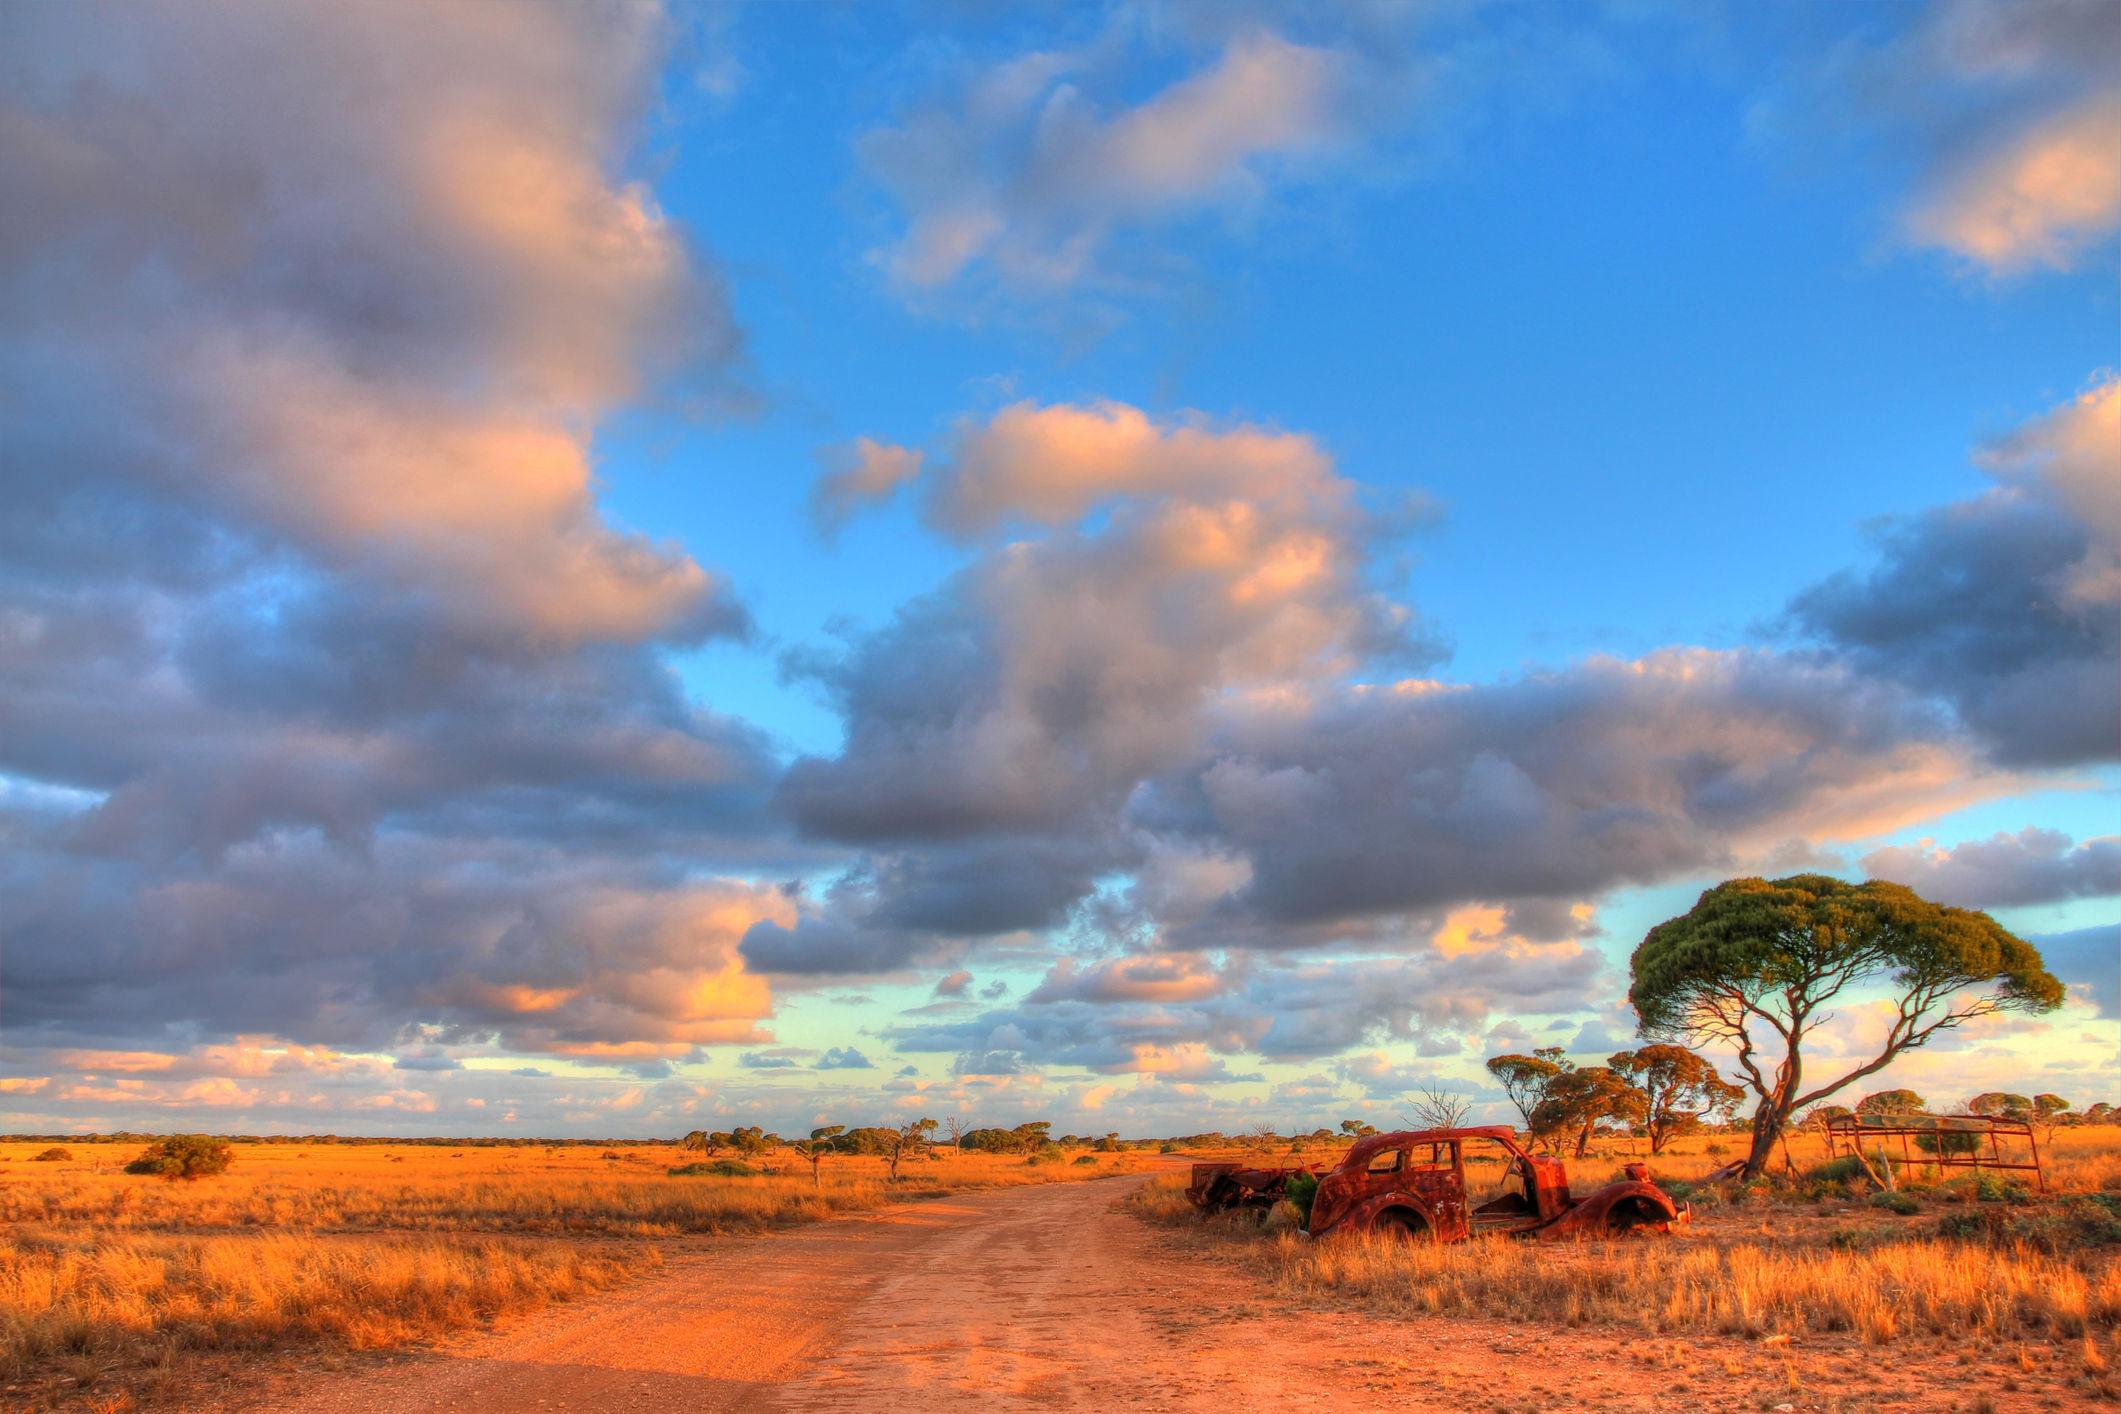 Totajla | istockphoto.com